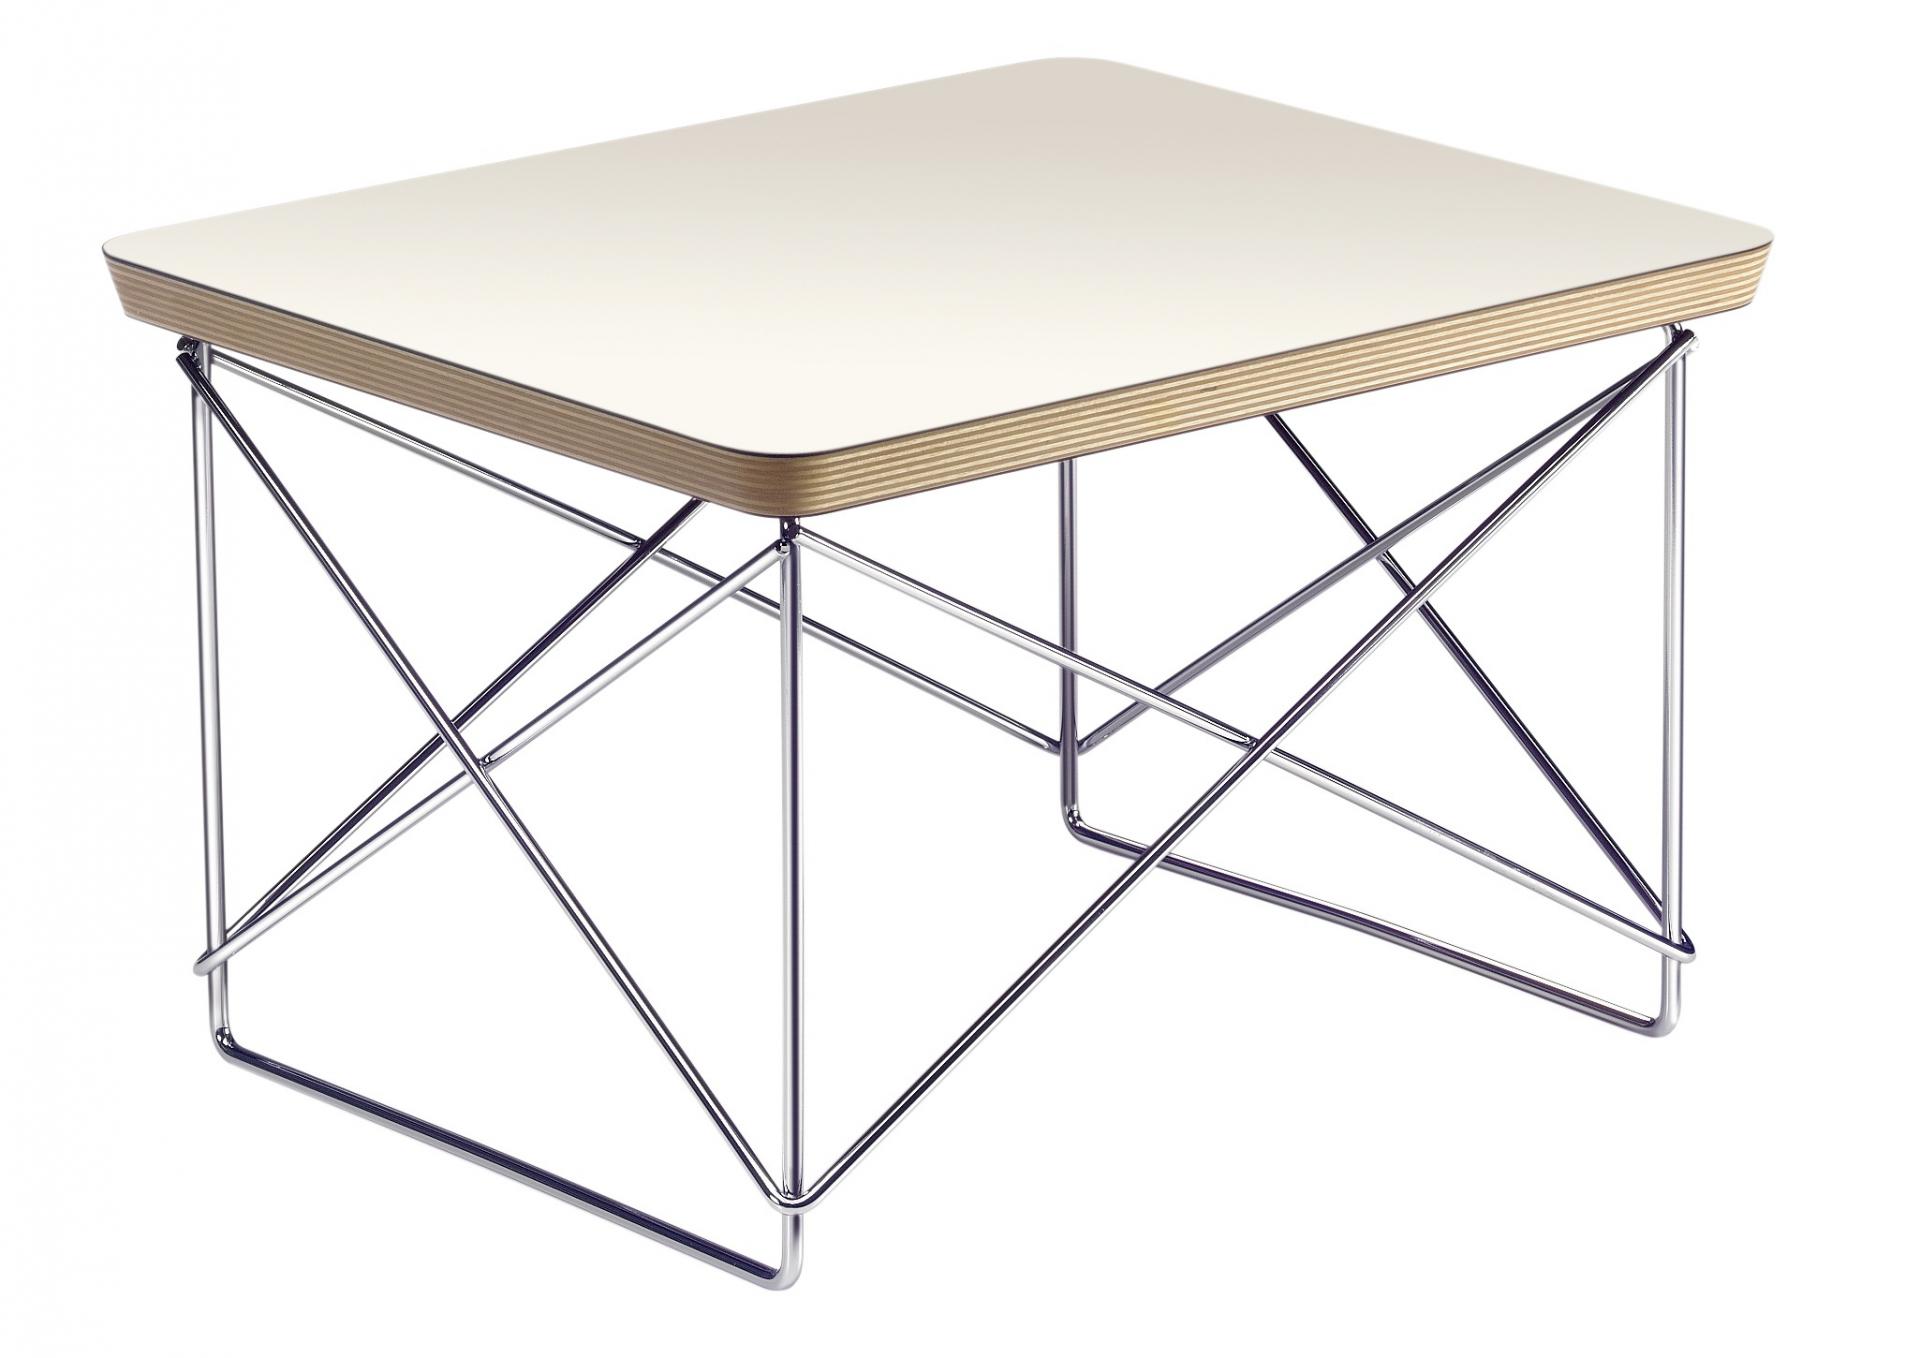 Vitra designové odkládací stolky Occasional Table LTR